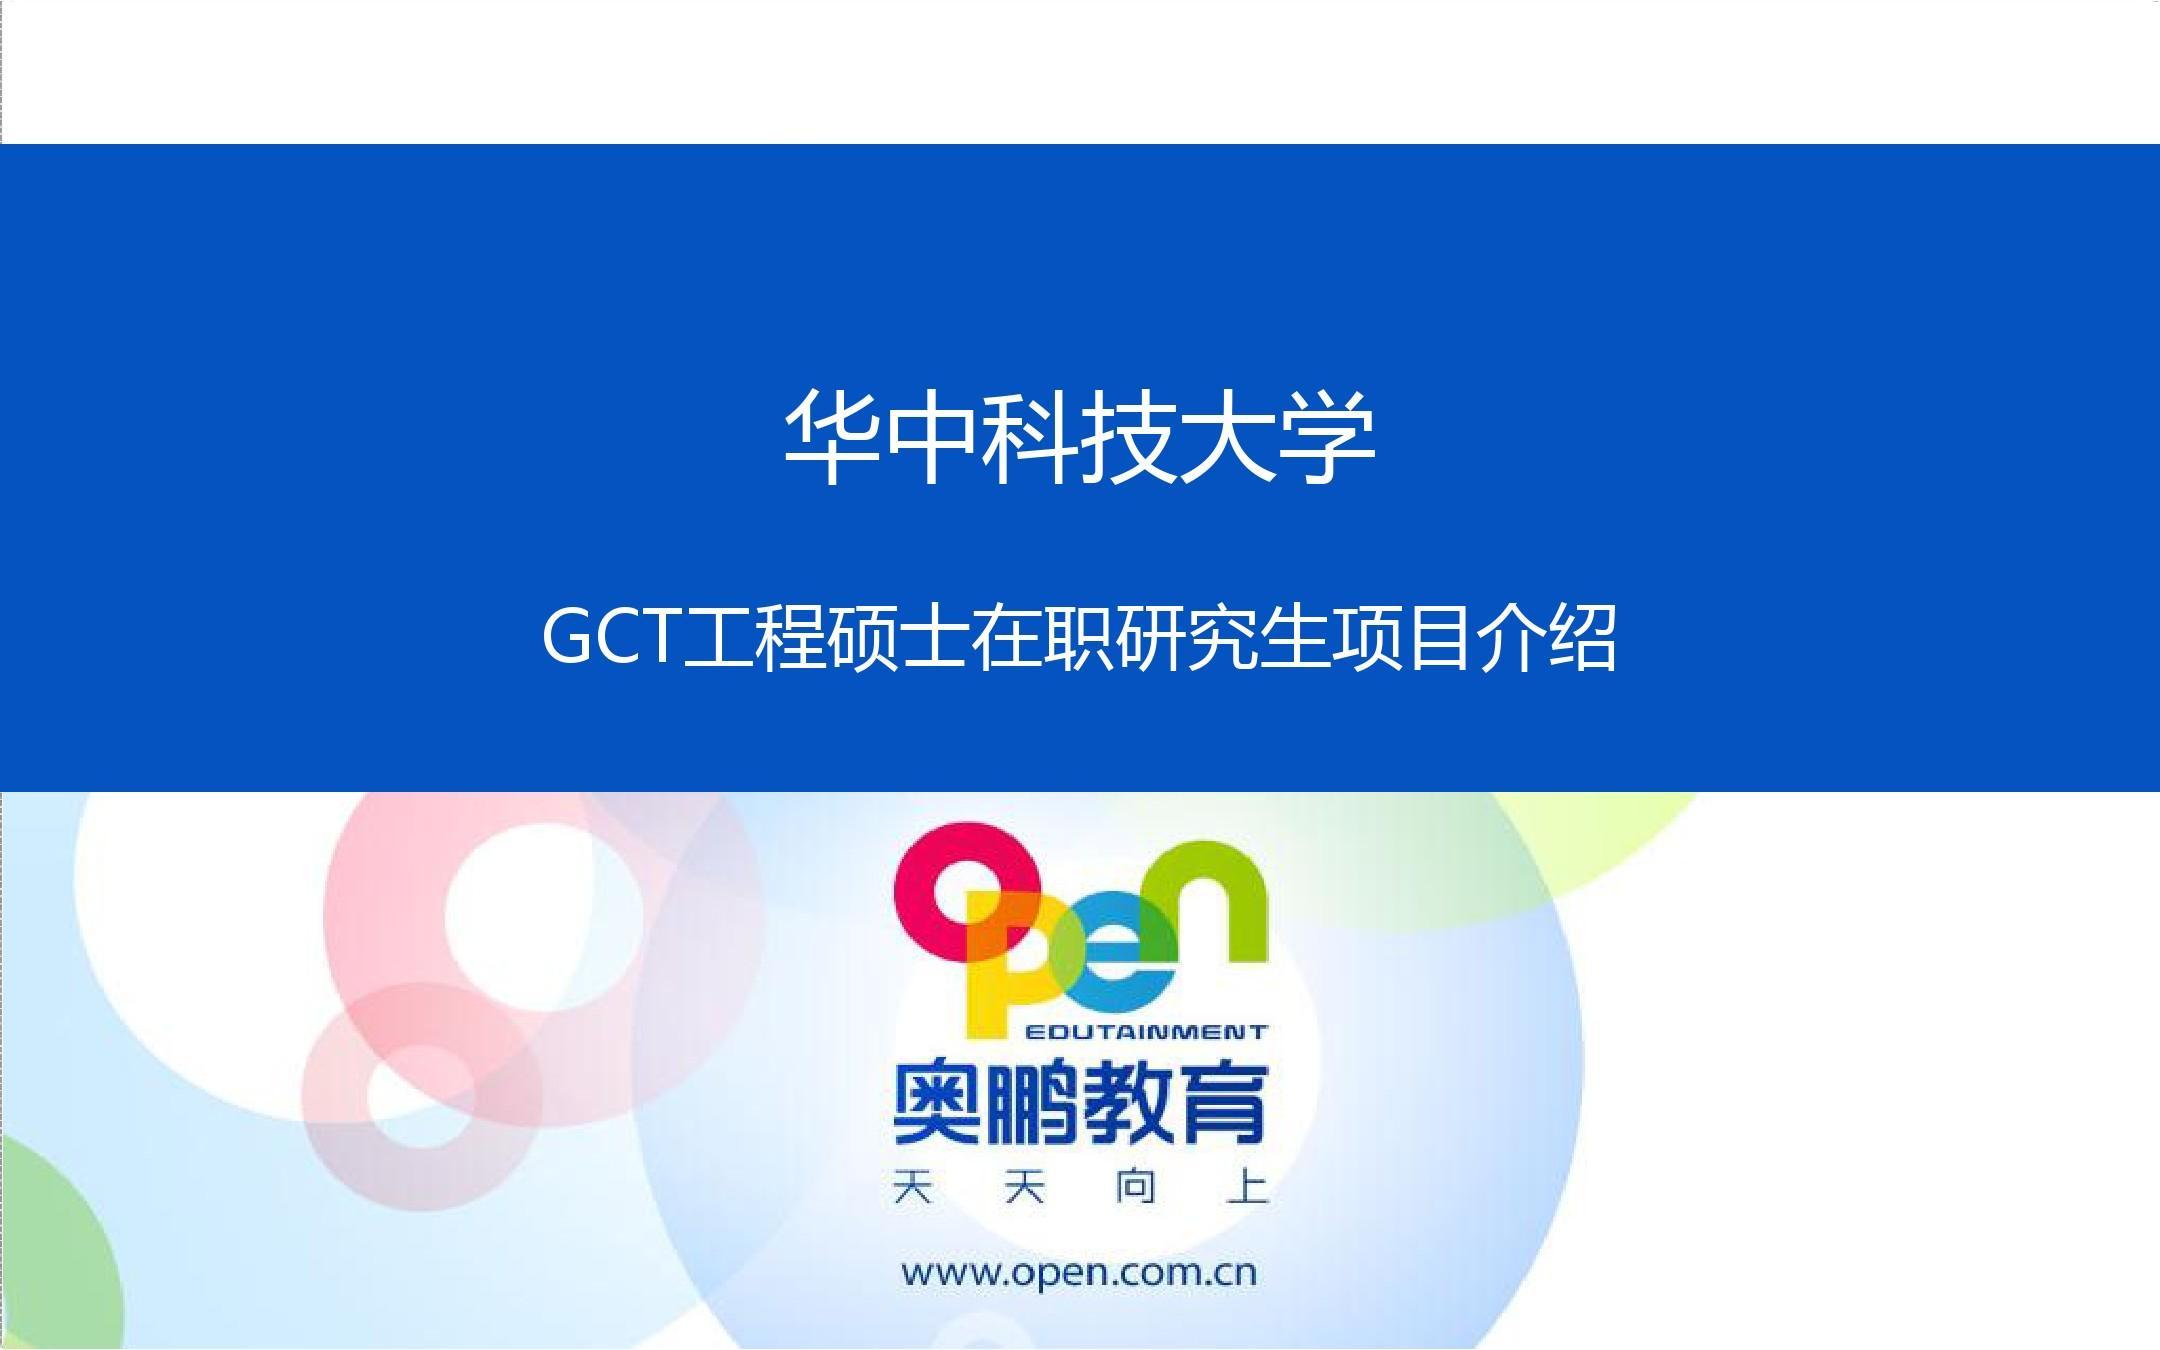 华中科技大学gct工程硕士在职研究生项目介绍ppt